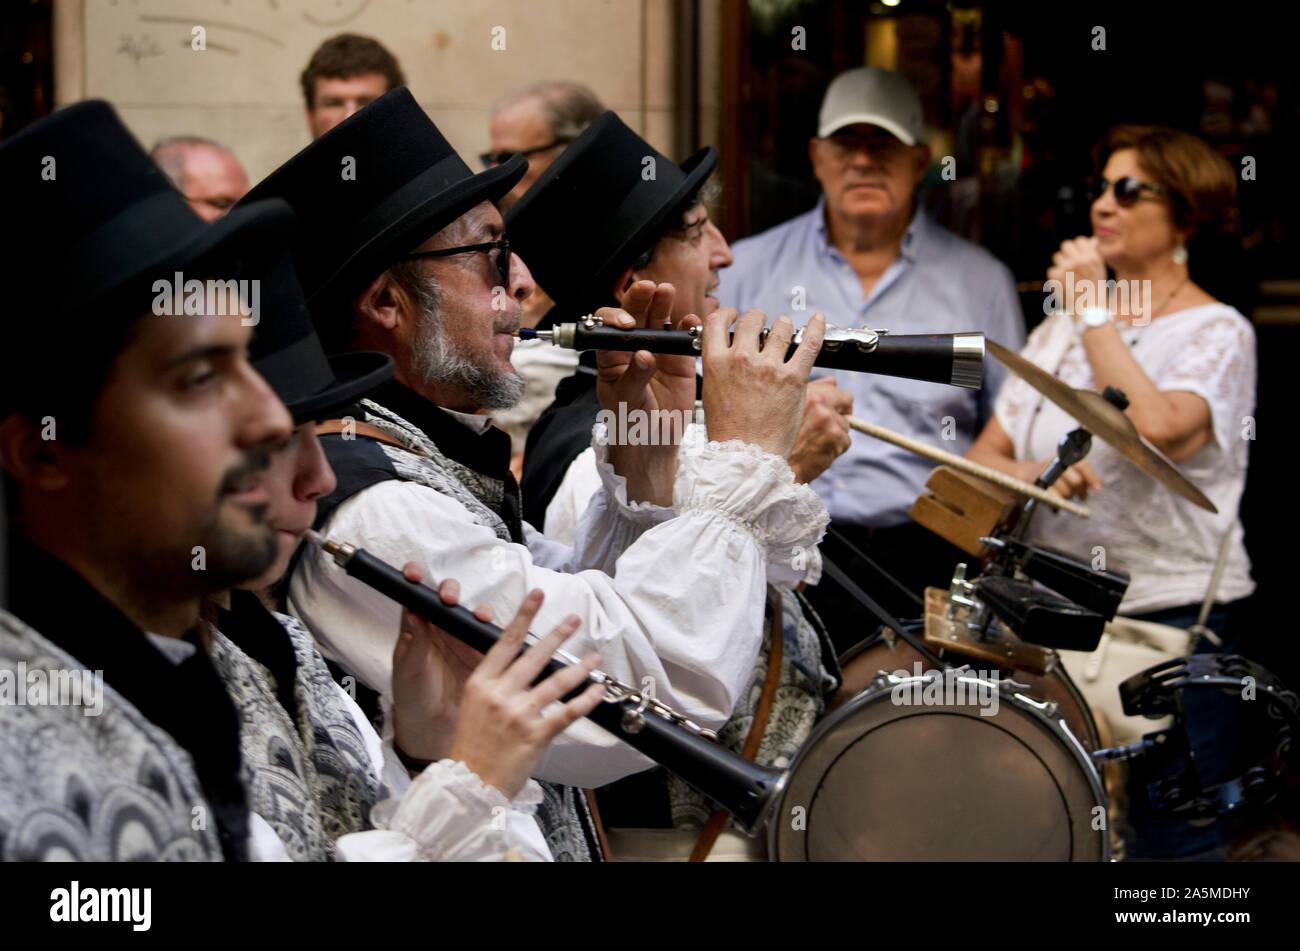 Les hommes jouant des instruments les géants défilent lors du Festival 2019 La Merce à Plaça de Sant Jaume de Barcelone, Espagne Banque D'Images